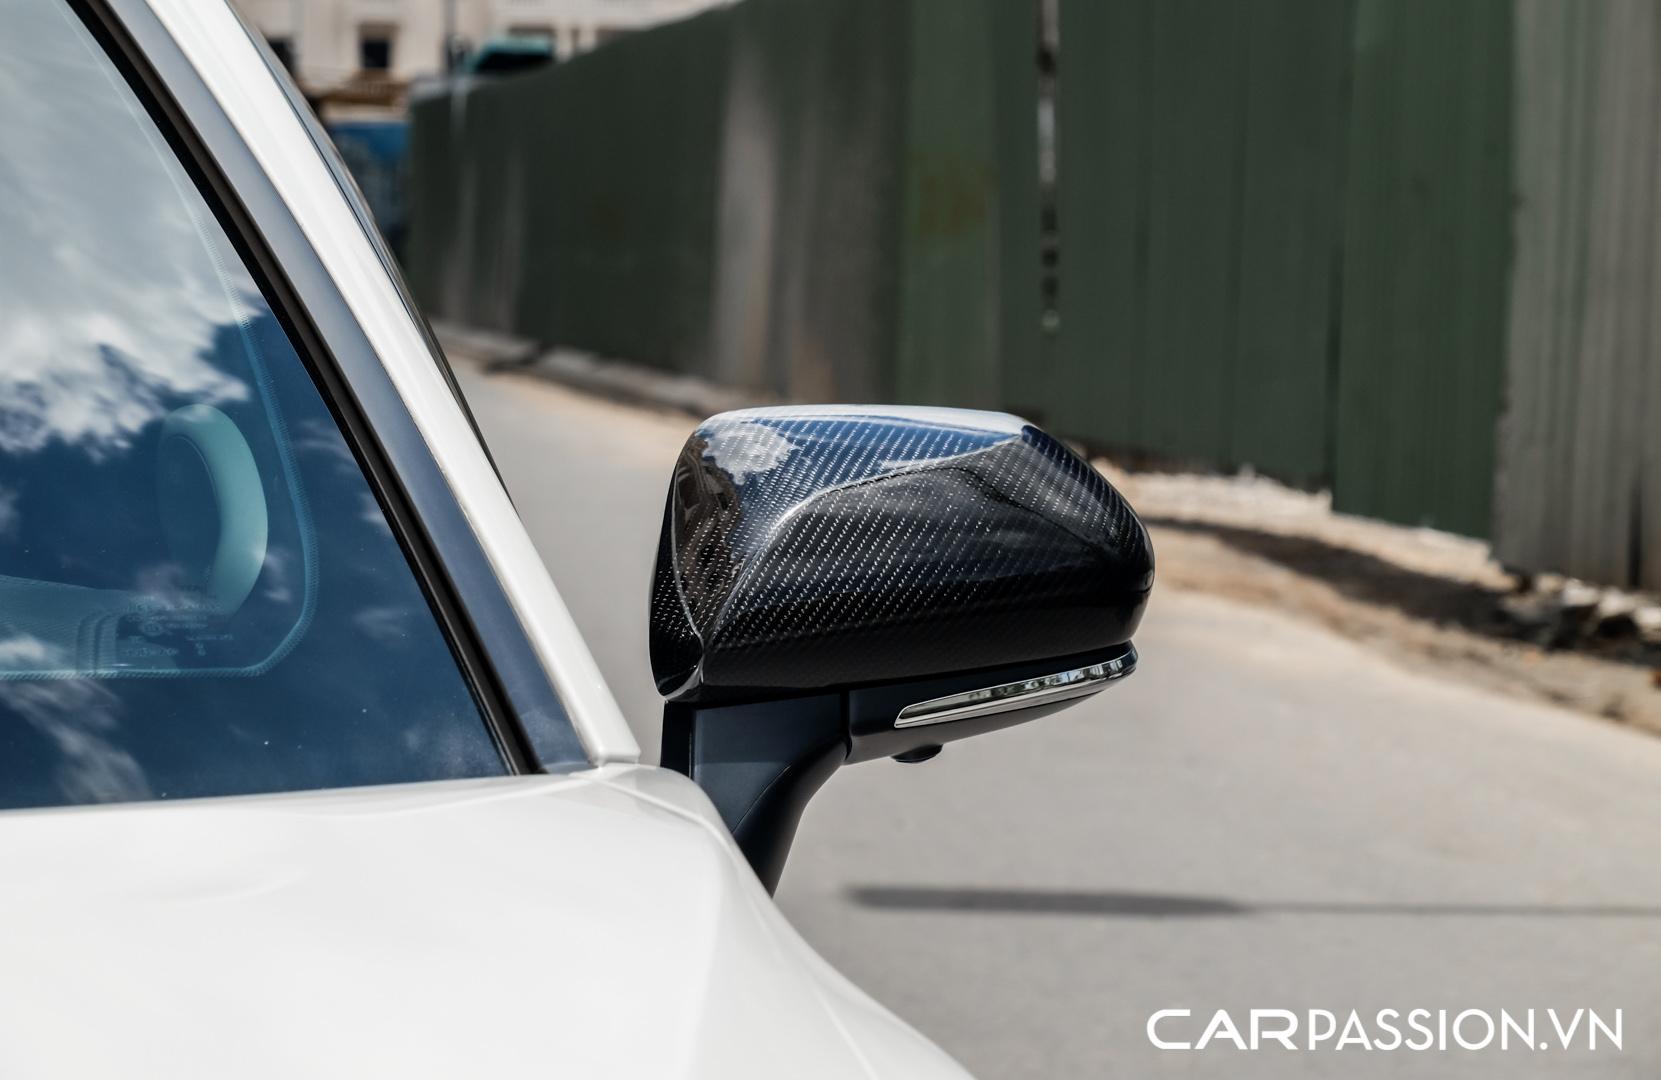 CP-Toyota Camry độ (10).jpg